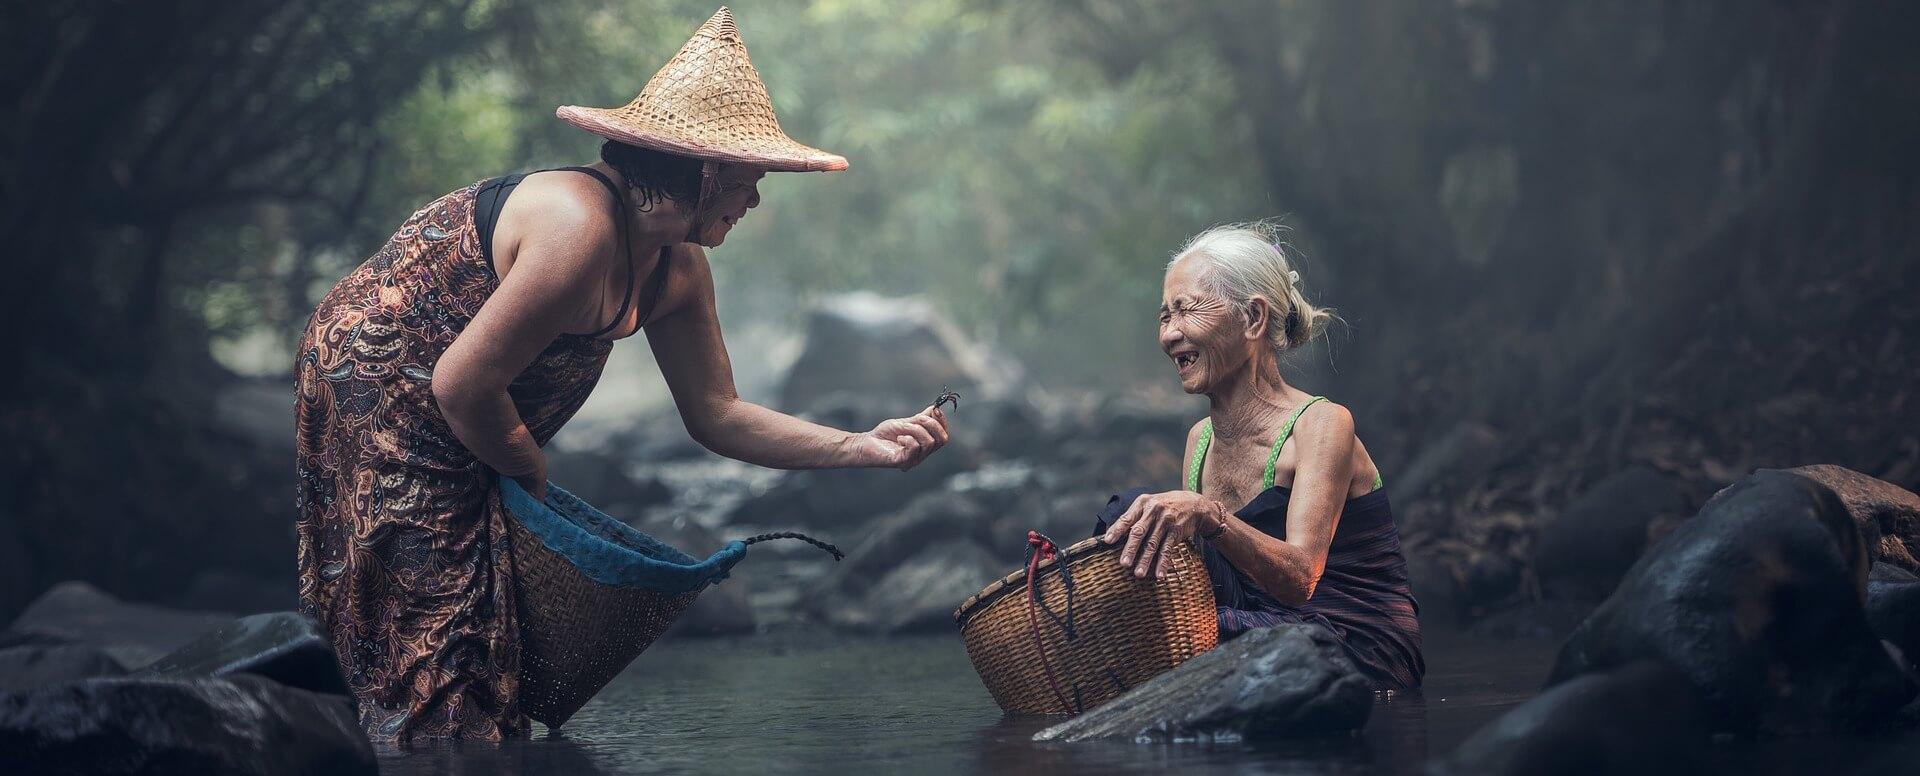 Culture and Tradition in Cambodia - Cambodia